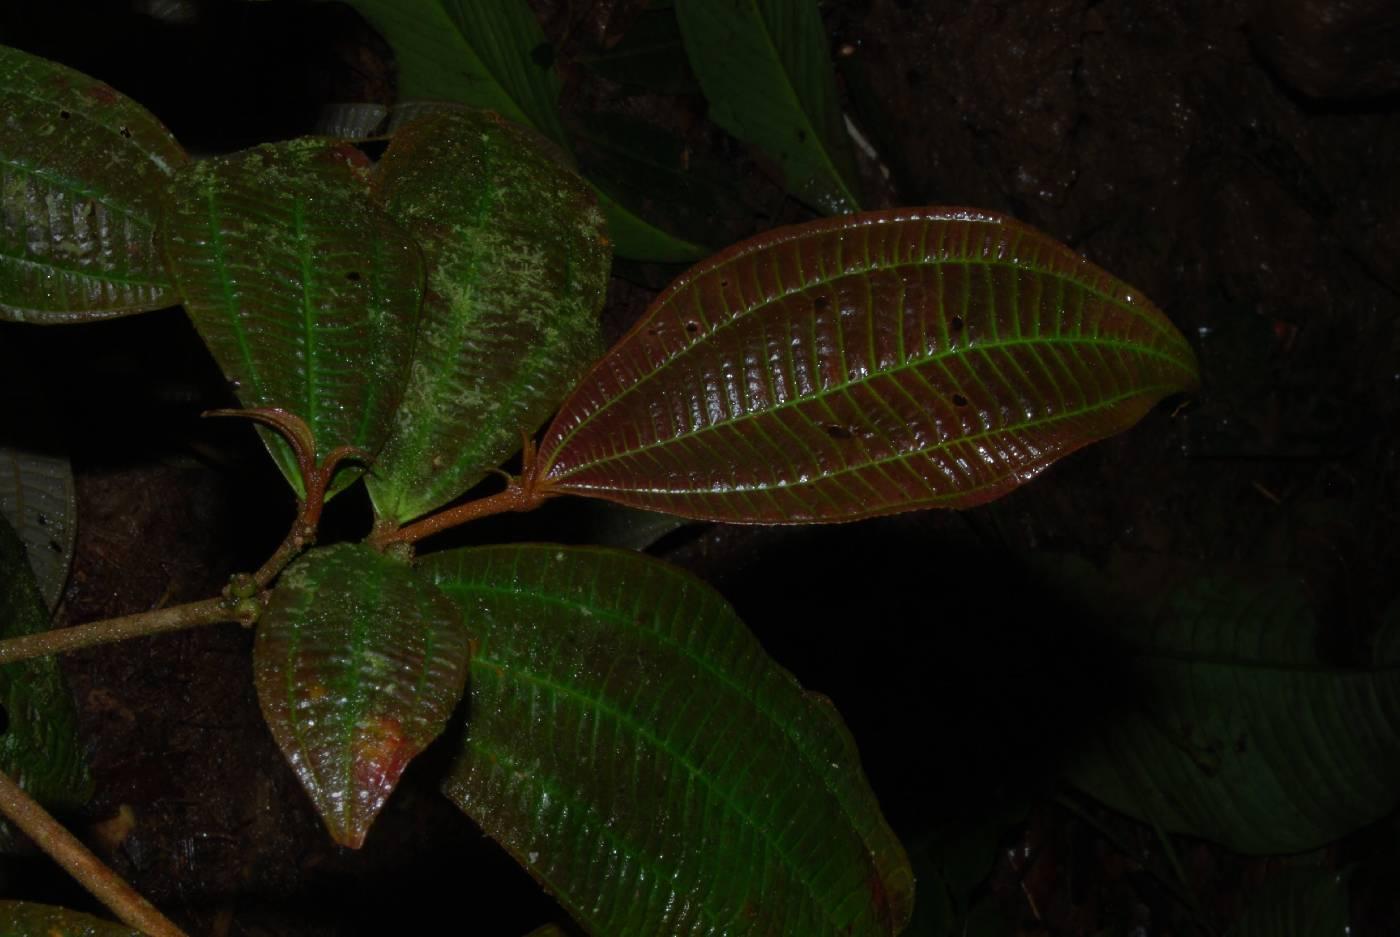 Clidemia densiflora image